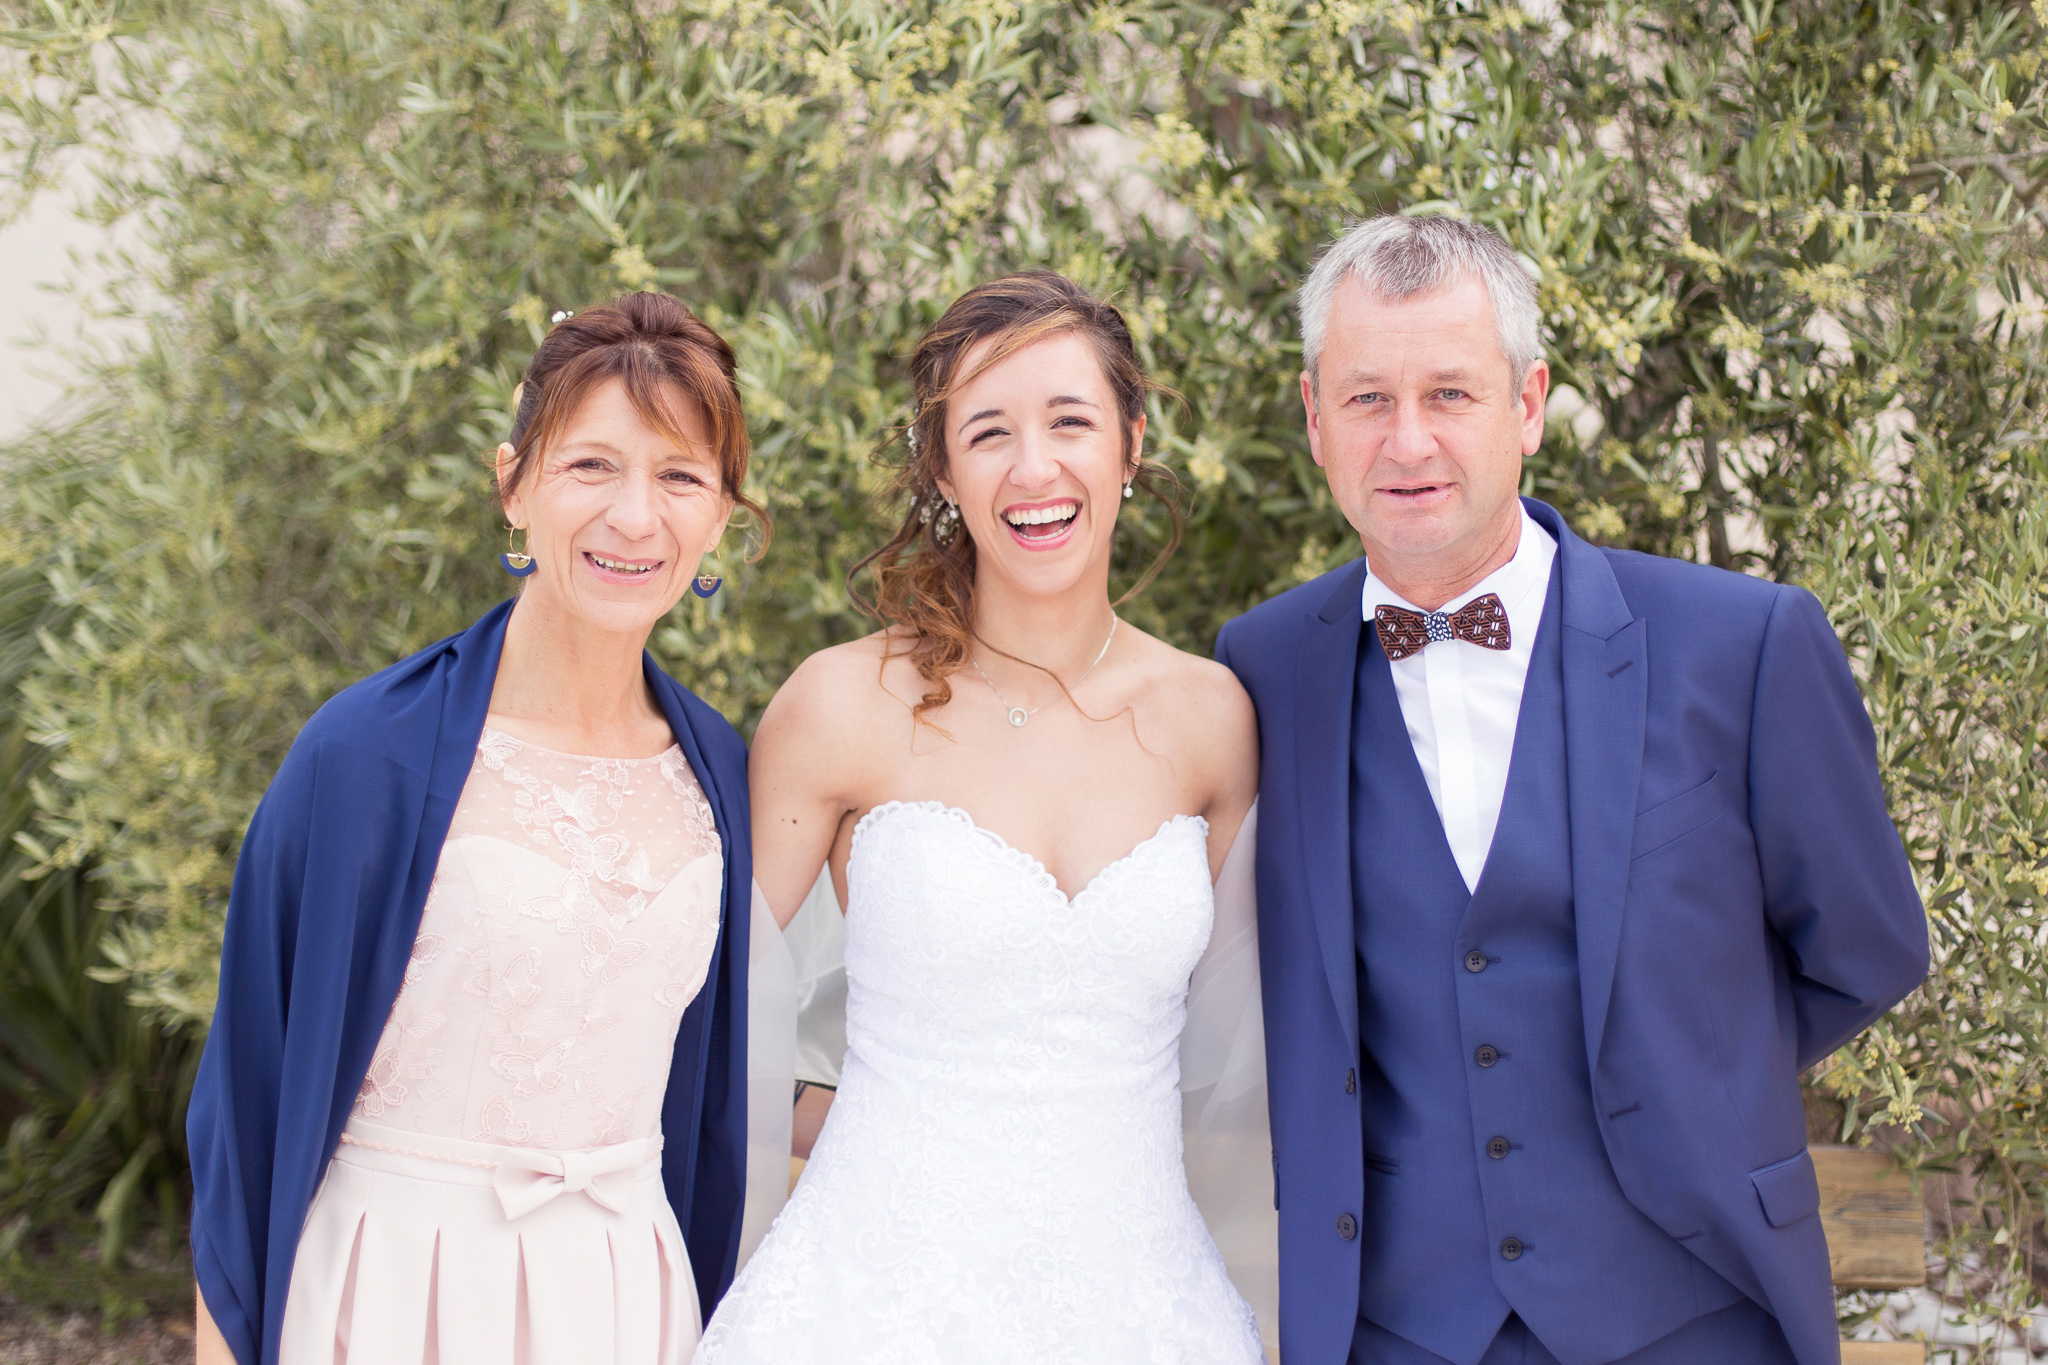 mariage wedding nantes noeud papillon bois atelier dernest 10